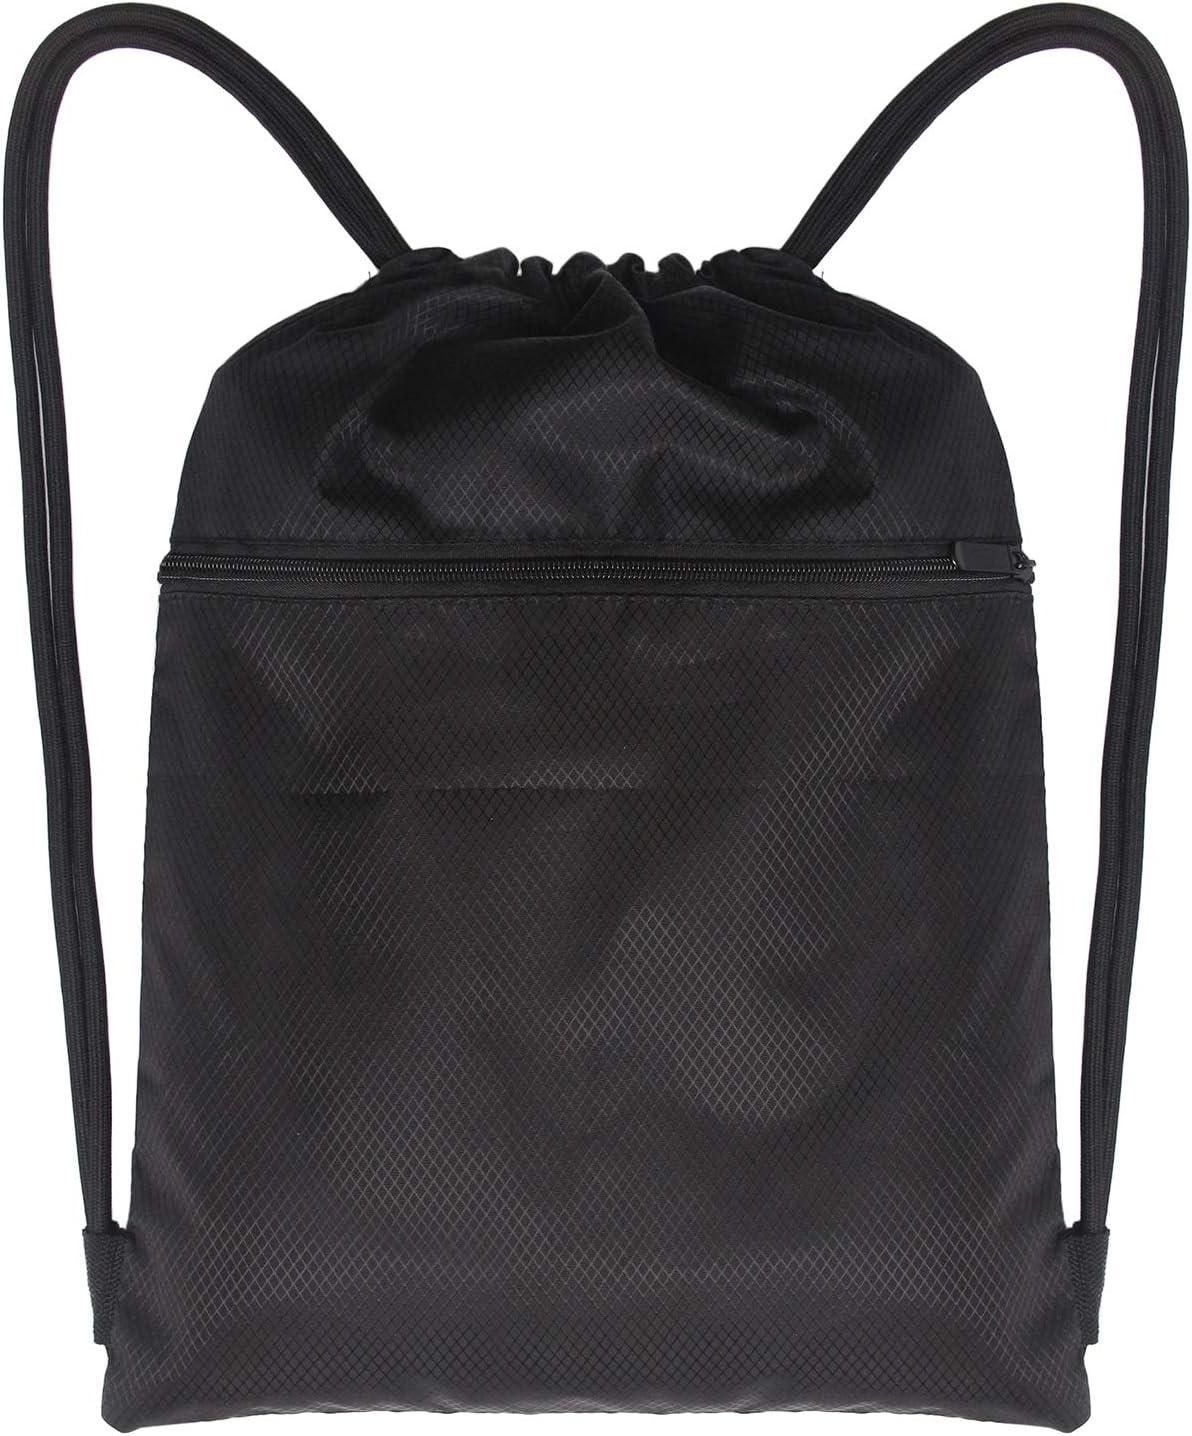 GymSack Drawstring Bag Sackpack Abstract Lines Sport Cinch Pack Simple Bundle Pocke Backpack For Men Women